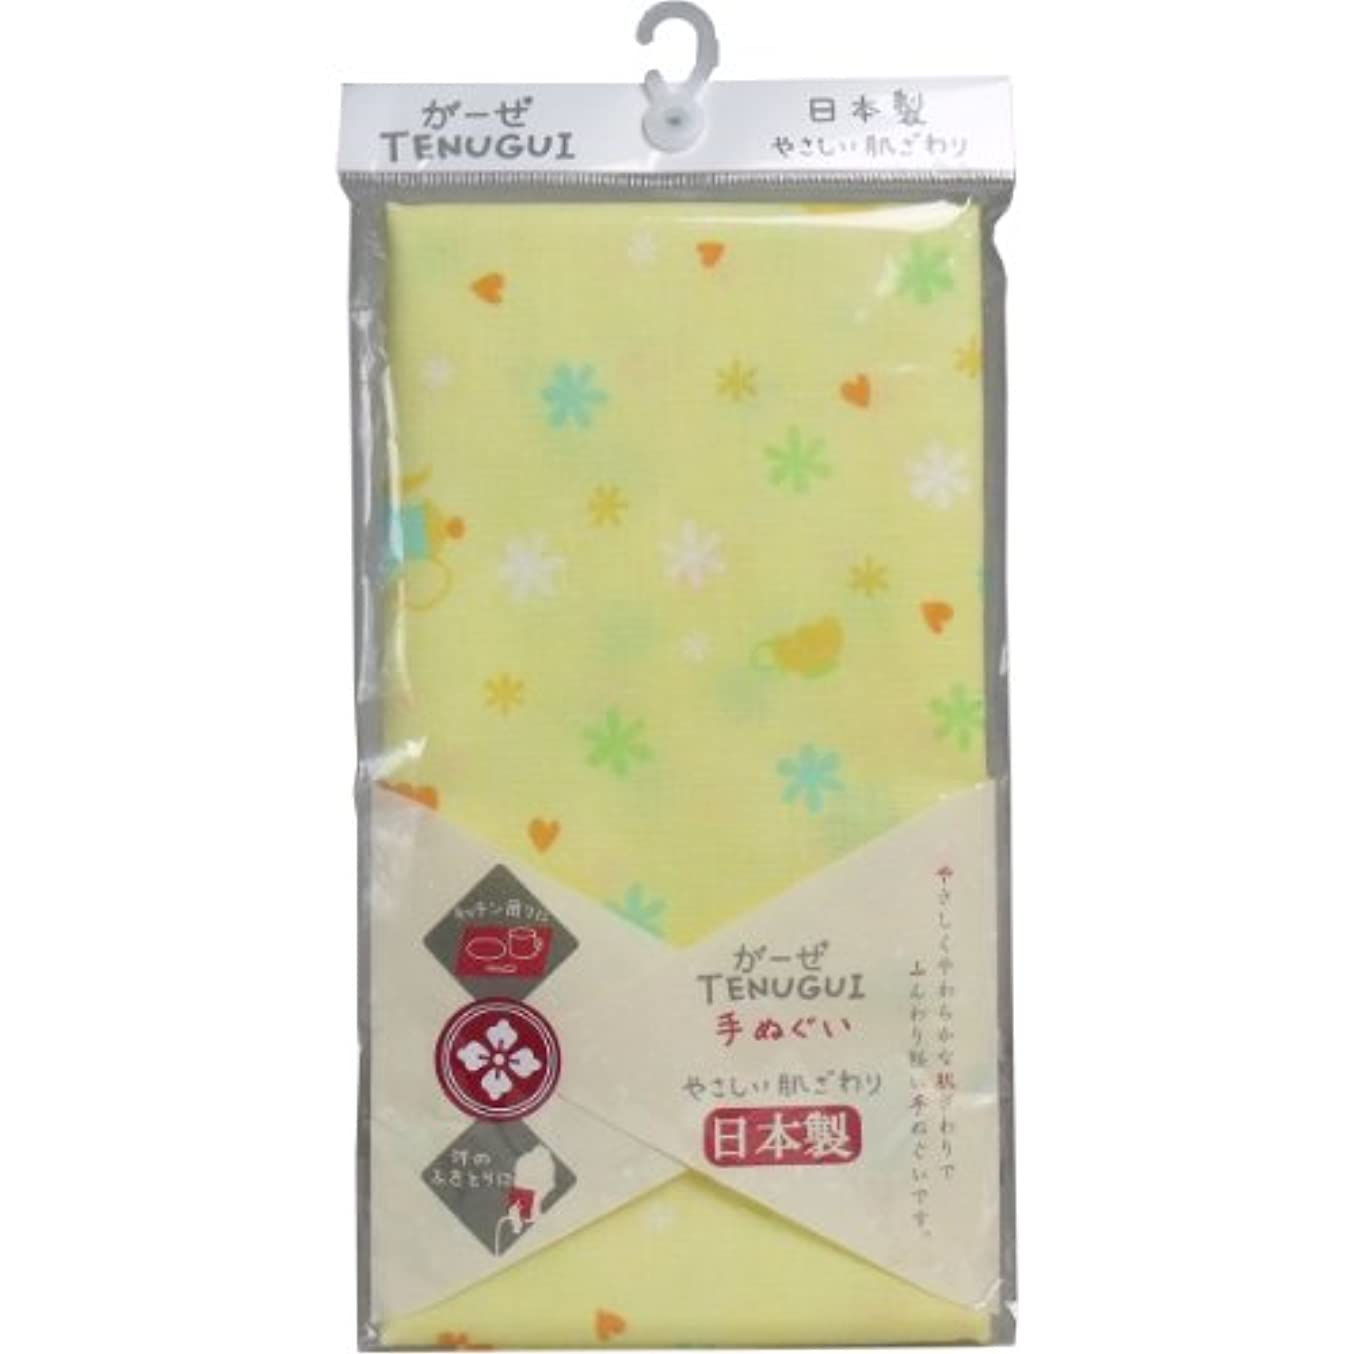 いとこささいな削除する川本産業 ガーゼ手拭フック帯ティータイムYE 1枚